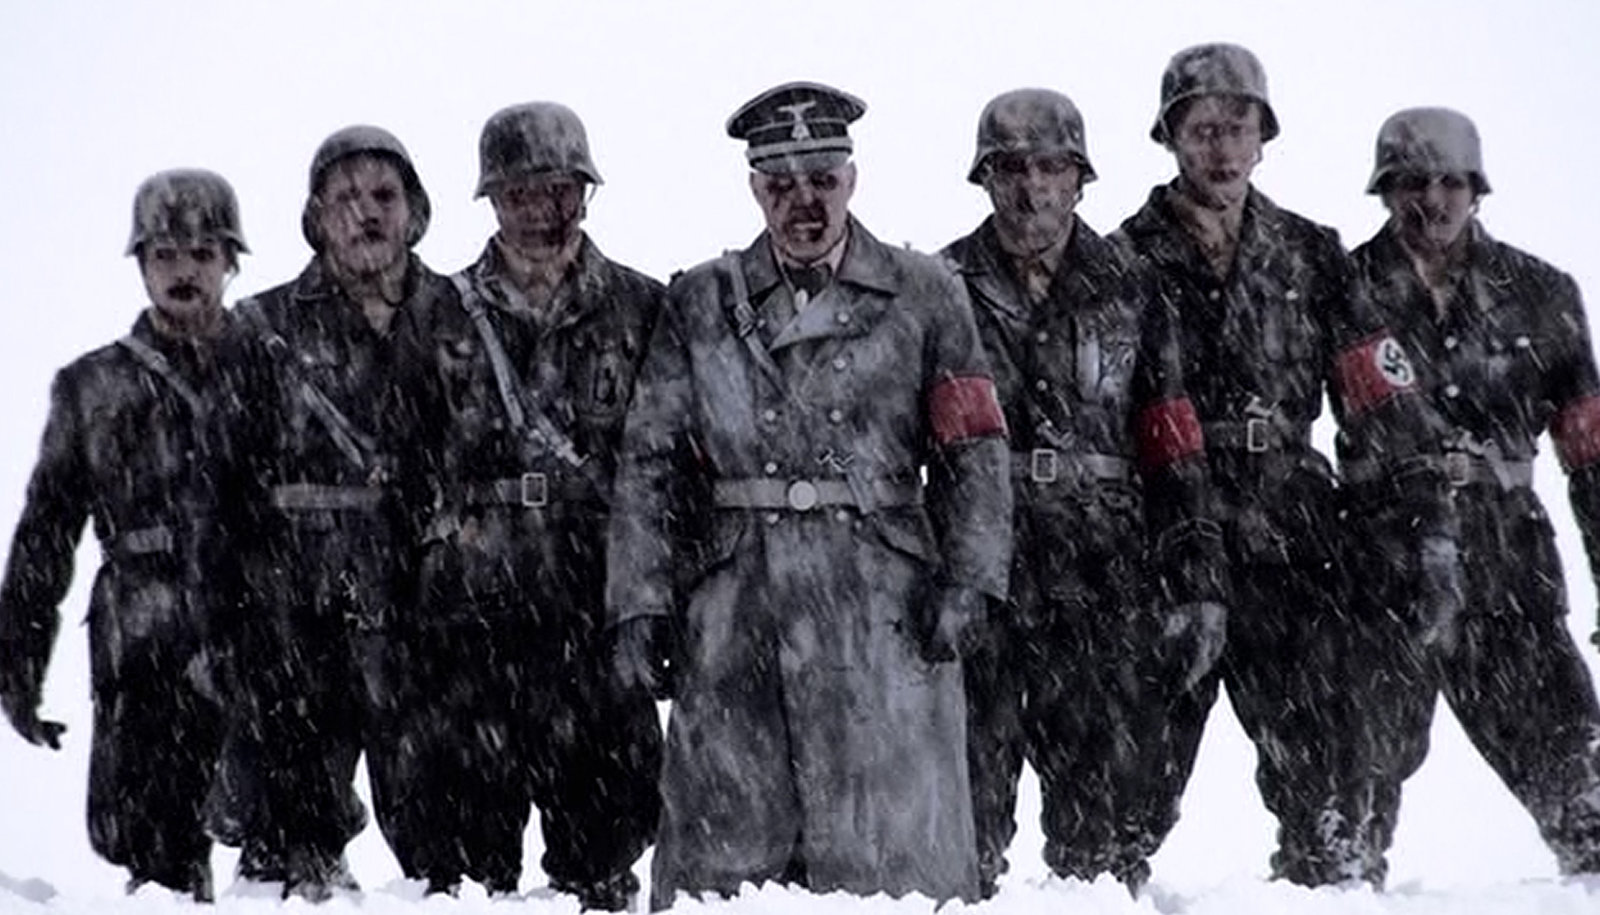 SS askerleri: tarih ve fotoğraflar